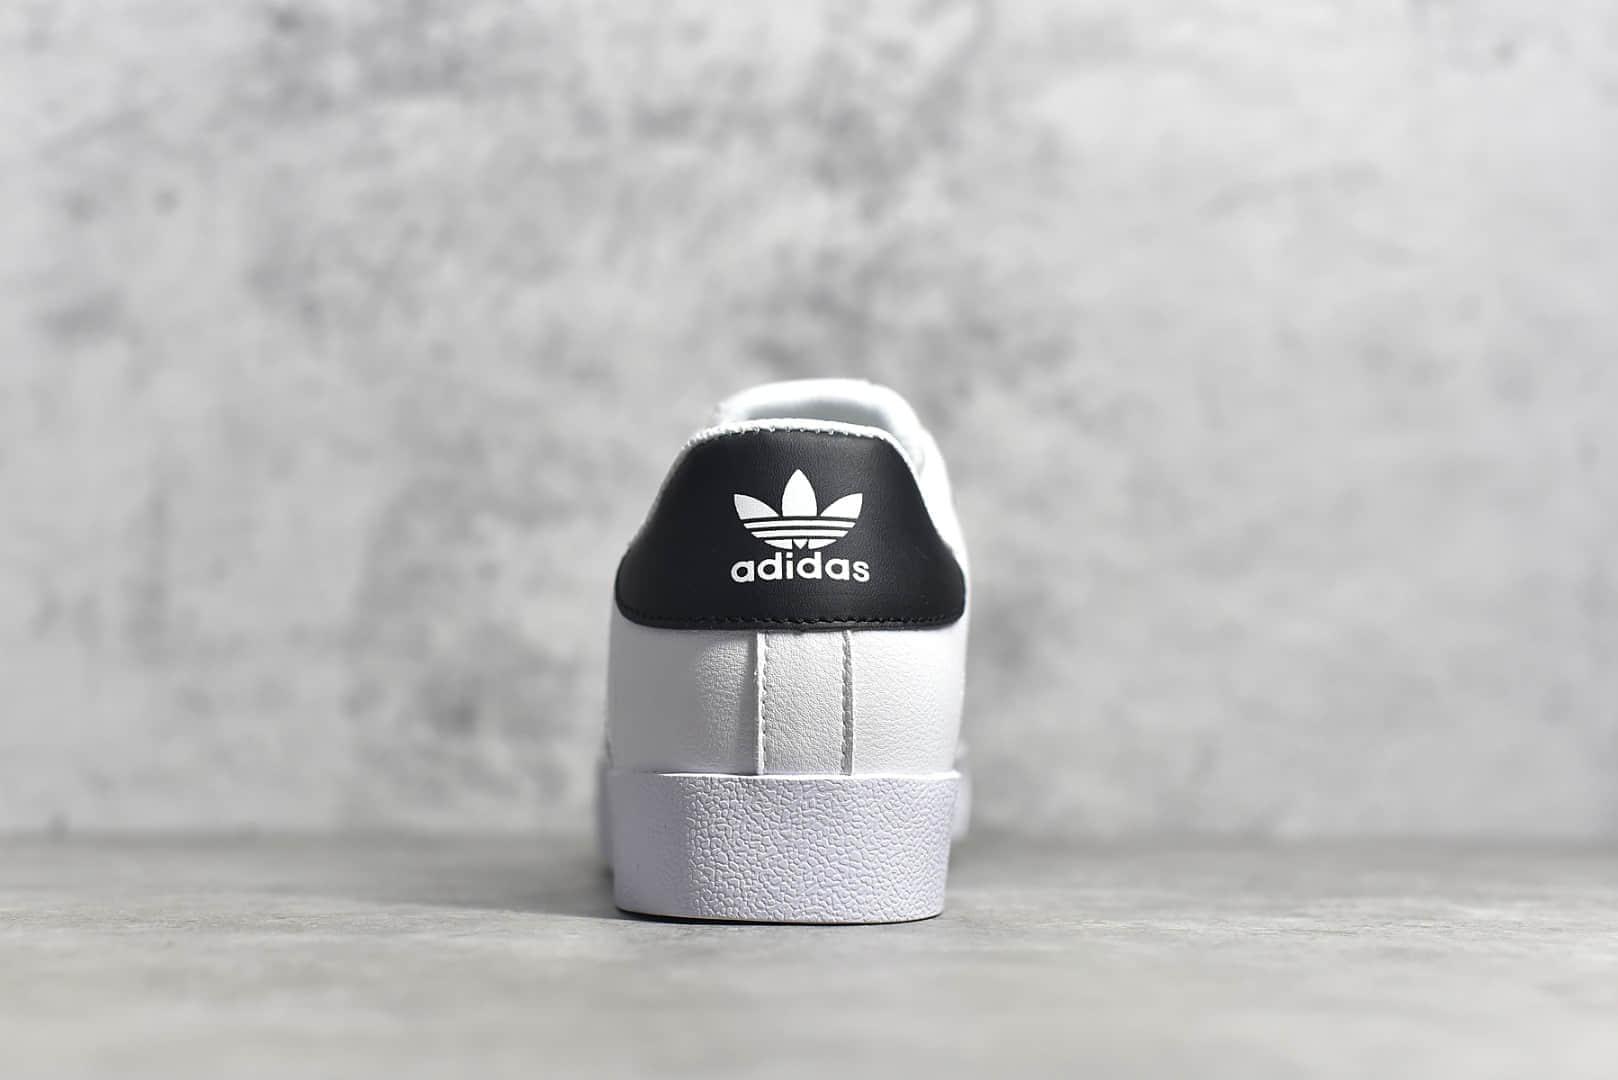 阿迪达斯三叶草校园板鞋公司级顶级版本阿迪达斯 adidas Vrx Low 常青款校园板鞋 货号:AW7374-潮流者之家